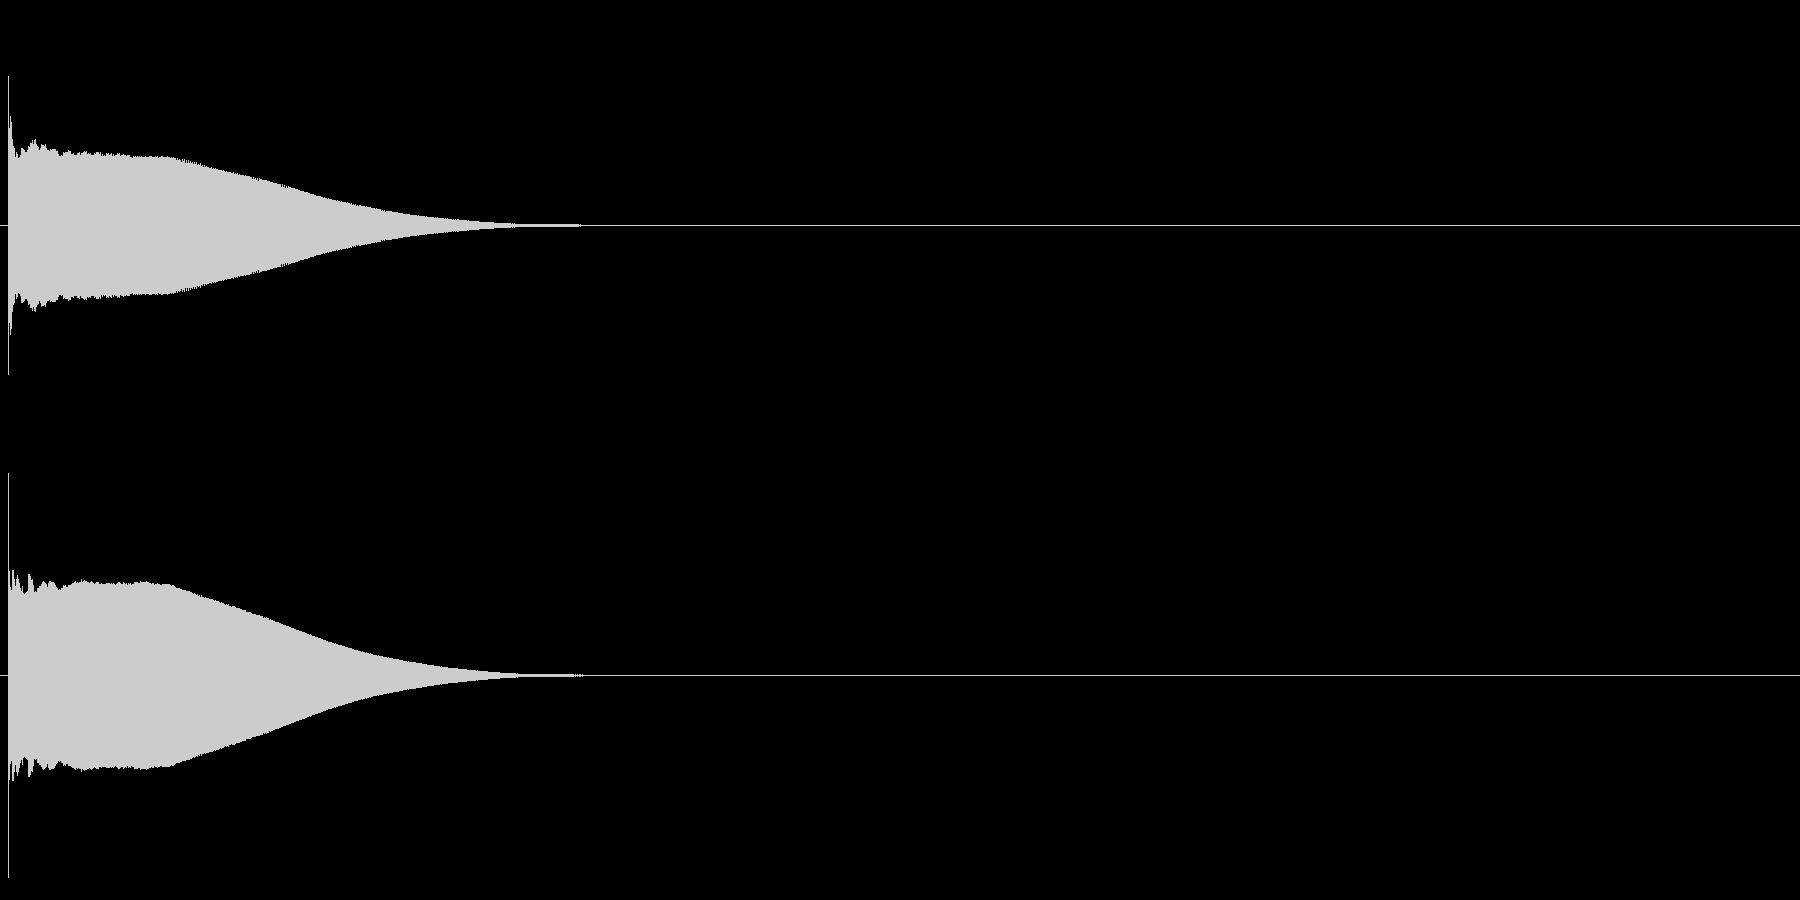 グロッケン系 ボタン音1(単)の未再生の波形